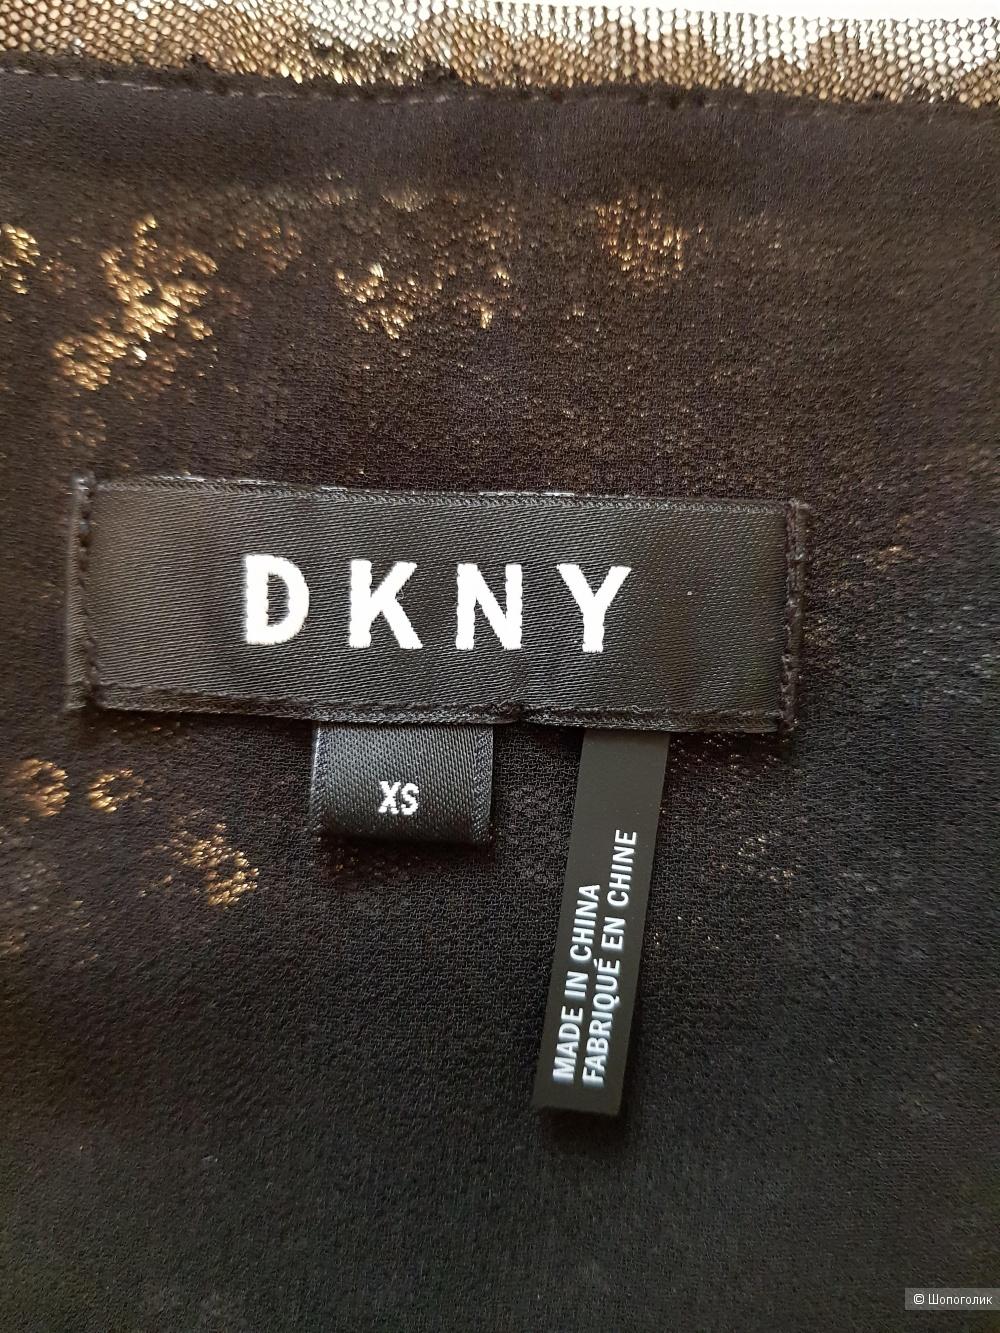 Топ DKNY, 44-46 размер